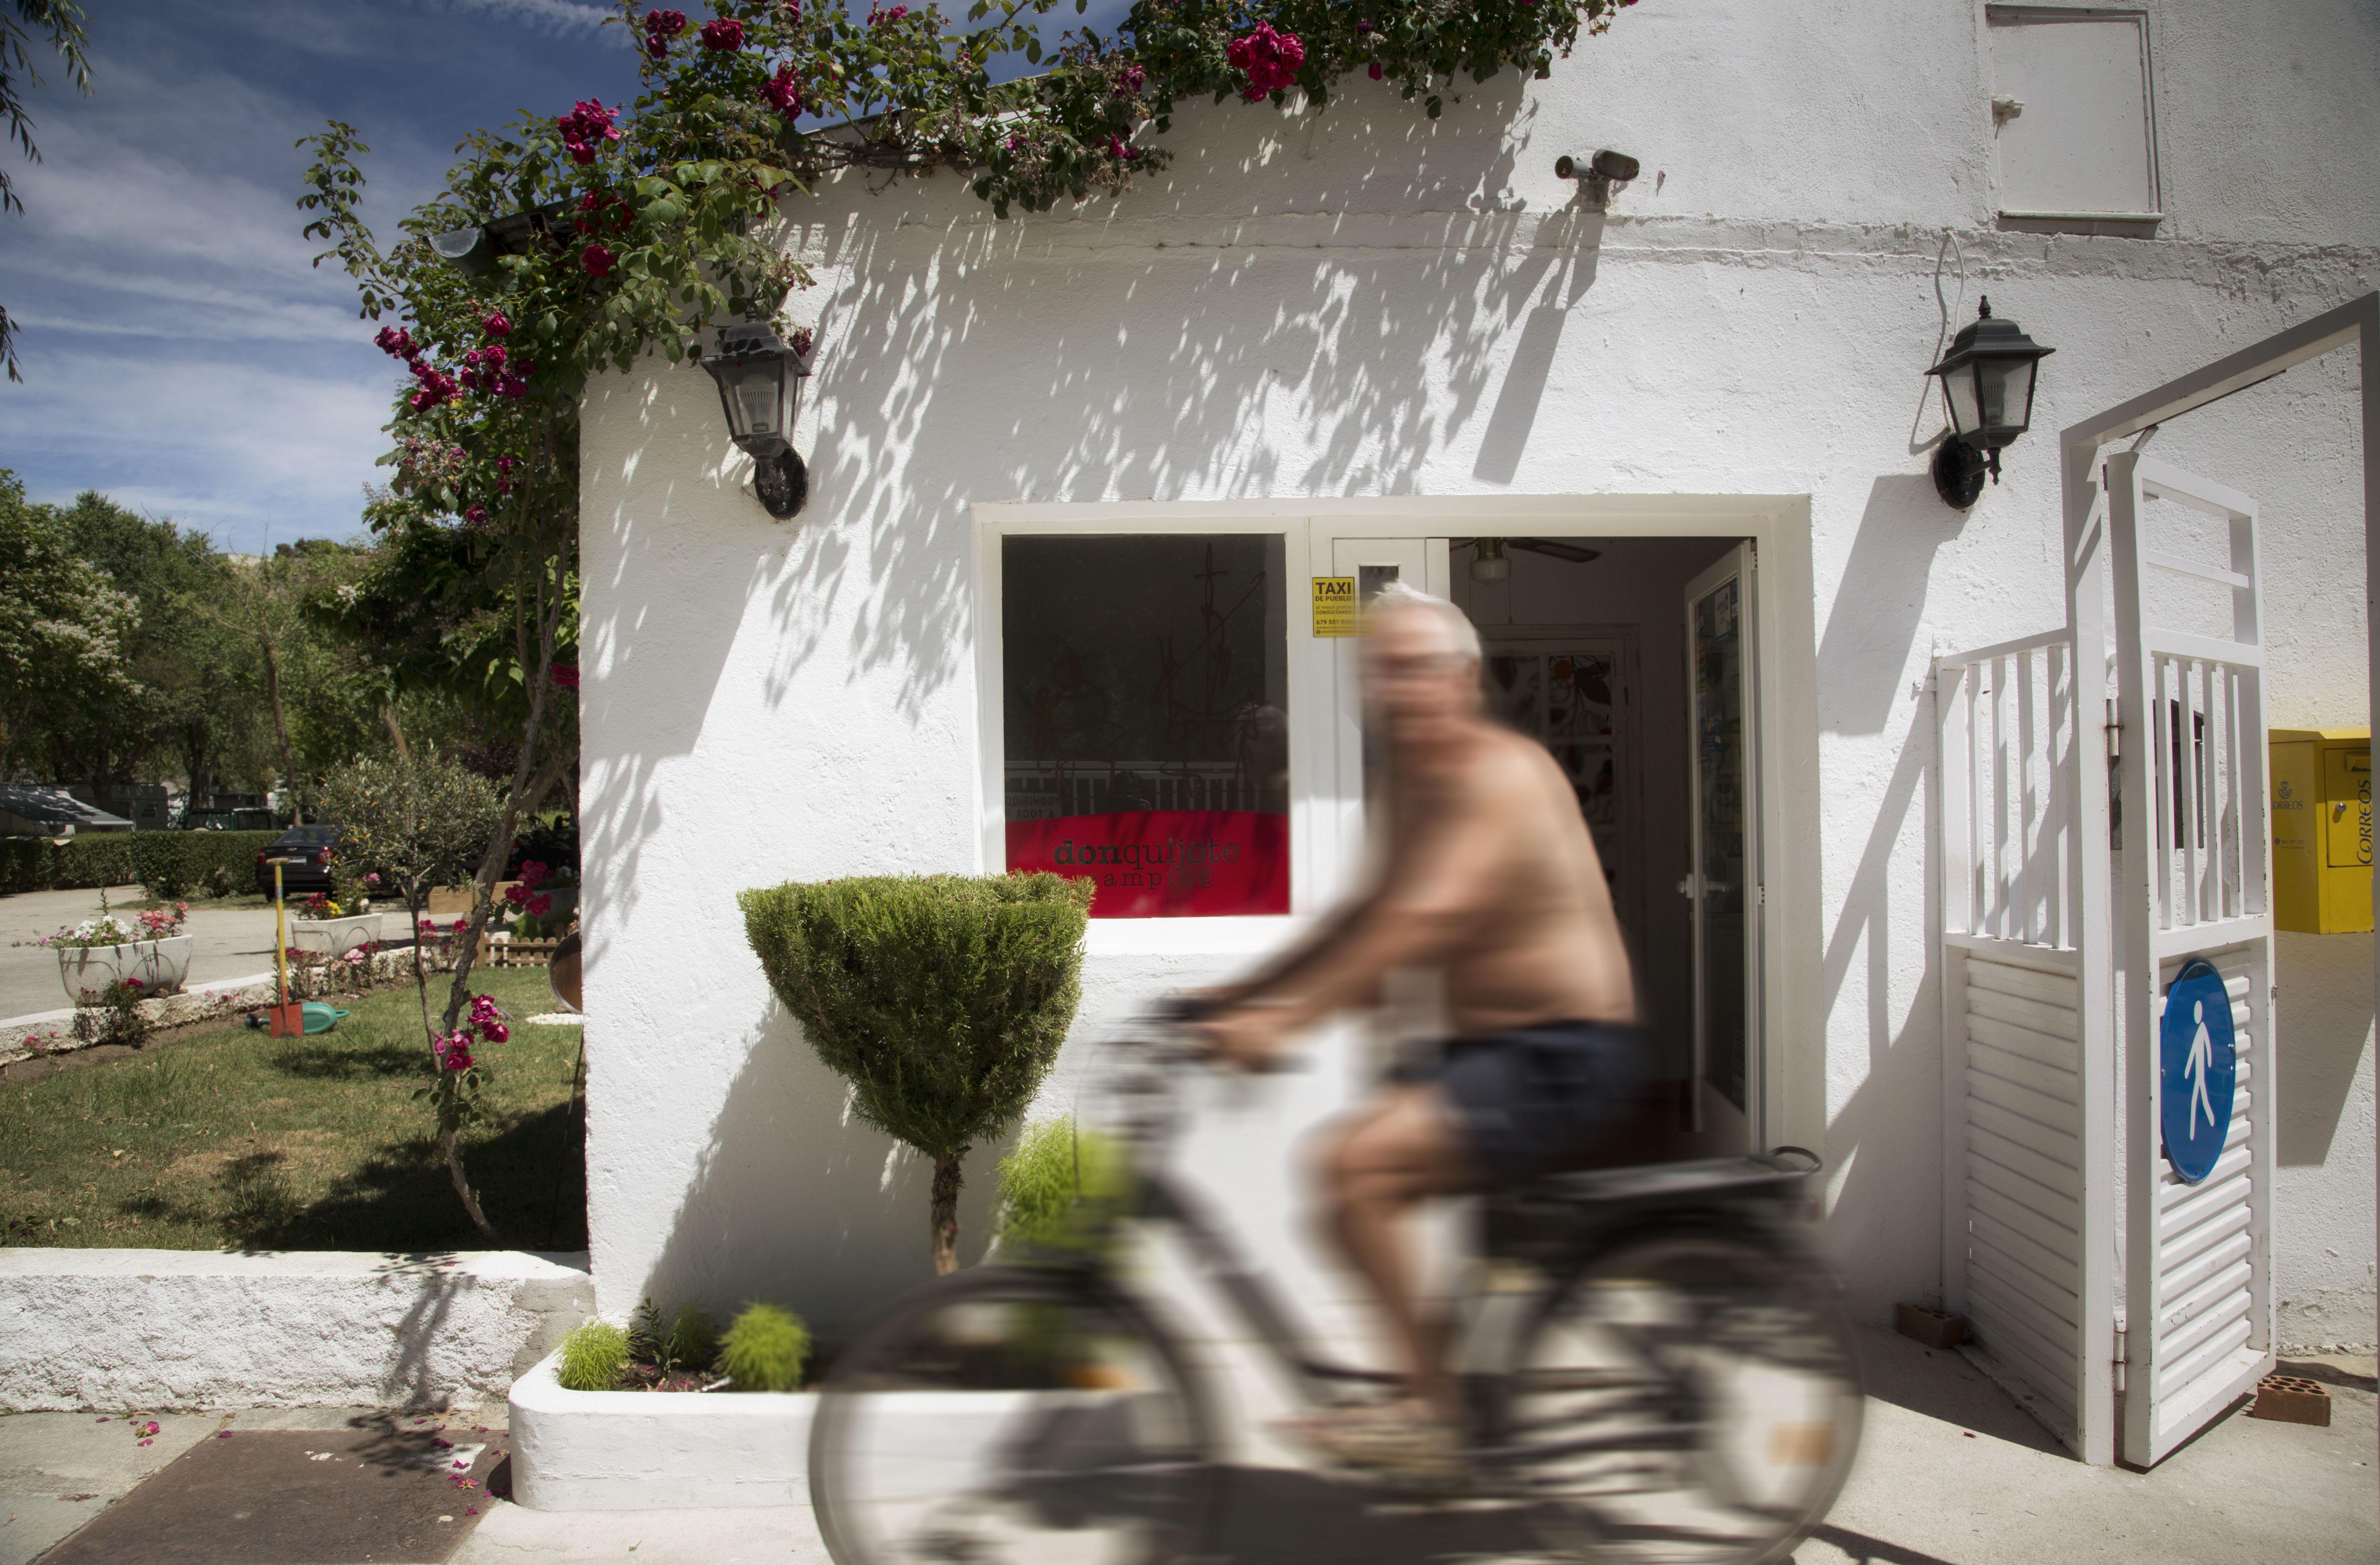 Foto 7 de Camping en Cabrerizos | Camping Don Quijote